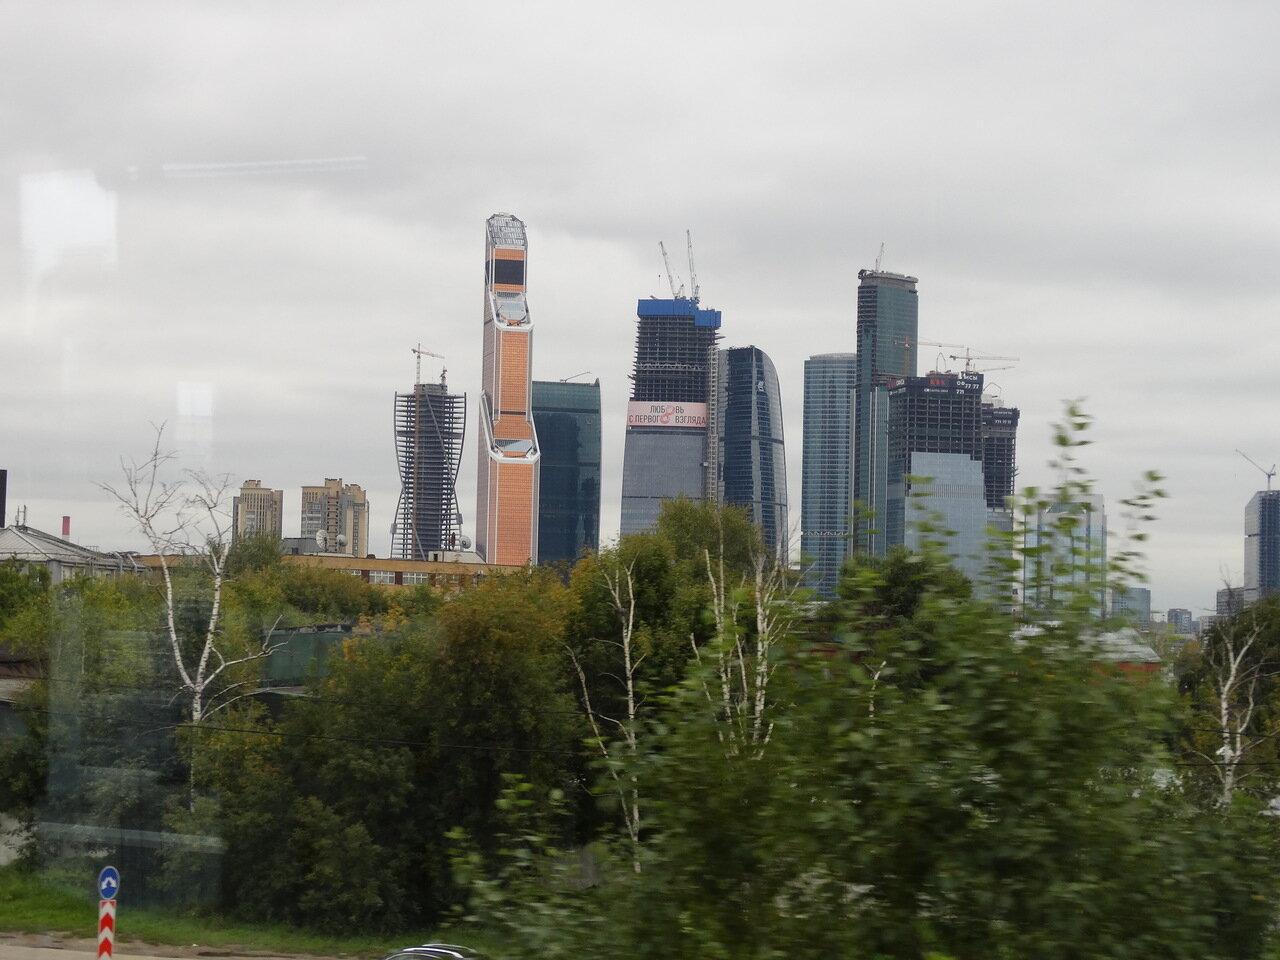 http://img-fotki.yandex.ru/get/9493/8217593.a5/0_9eace_ee9cd8c1_XXXL.jpg